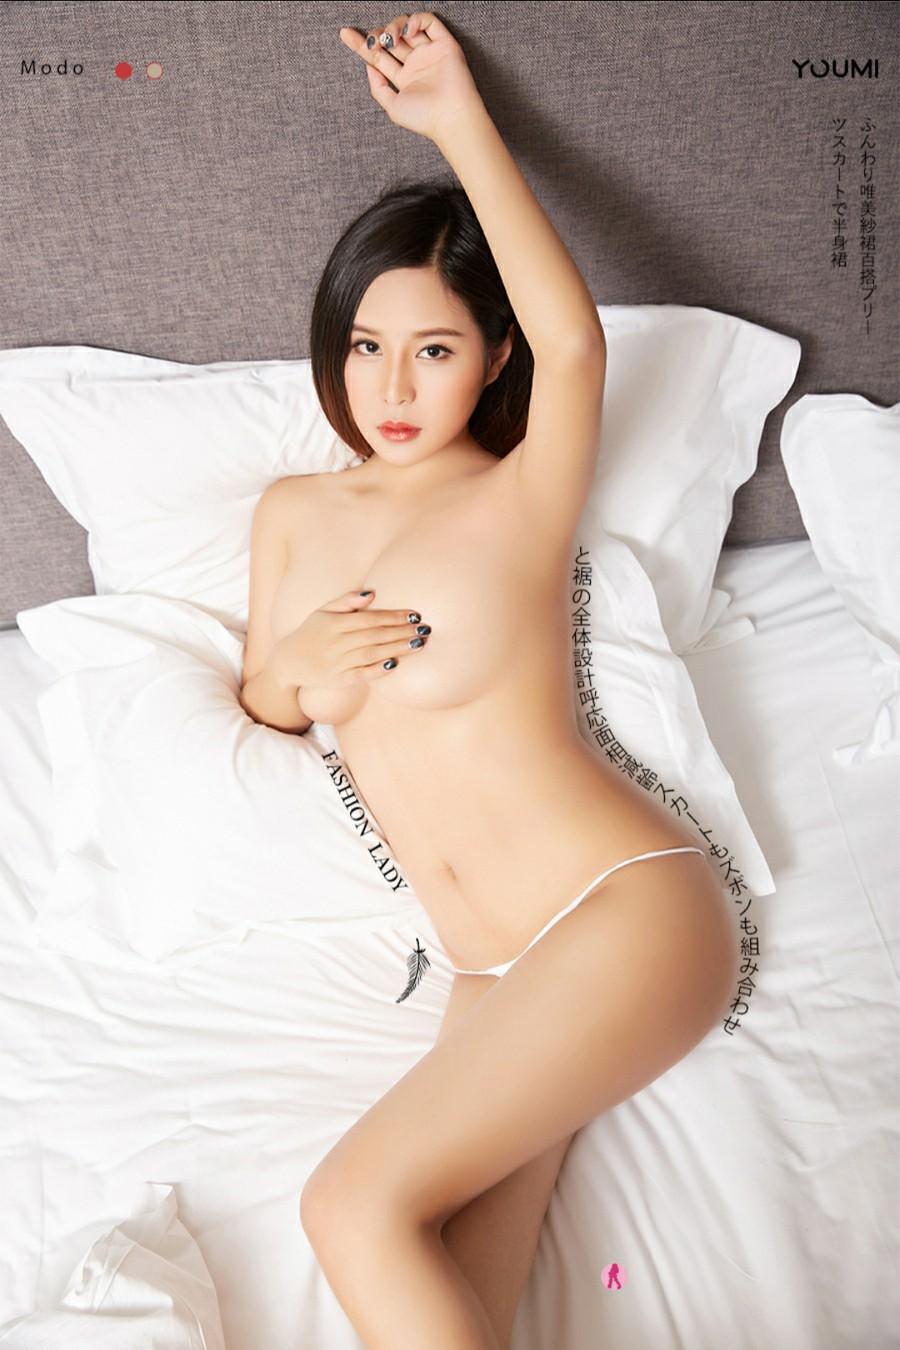 [YouMi尤蜜] 2020.11.22 苏眉 赤裸の纠缠 第1张